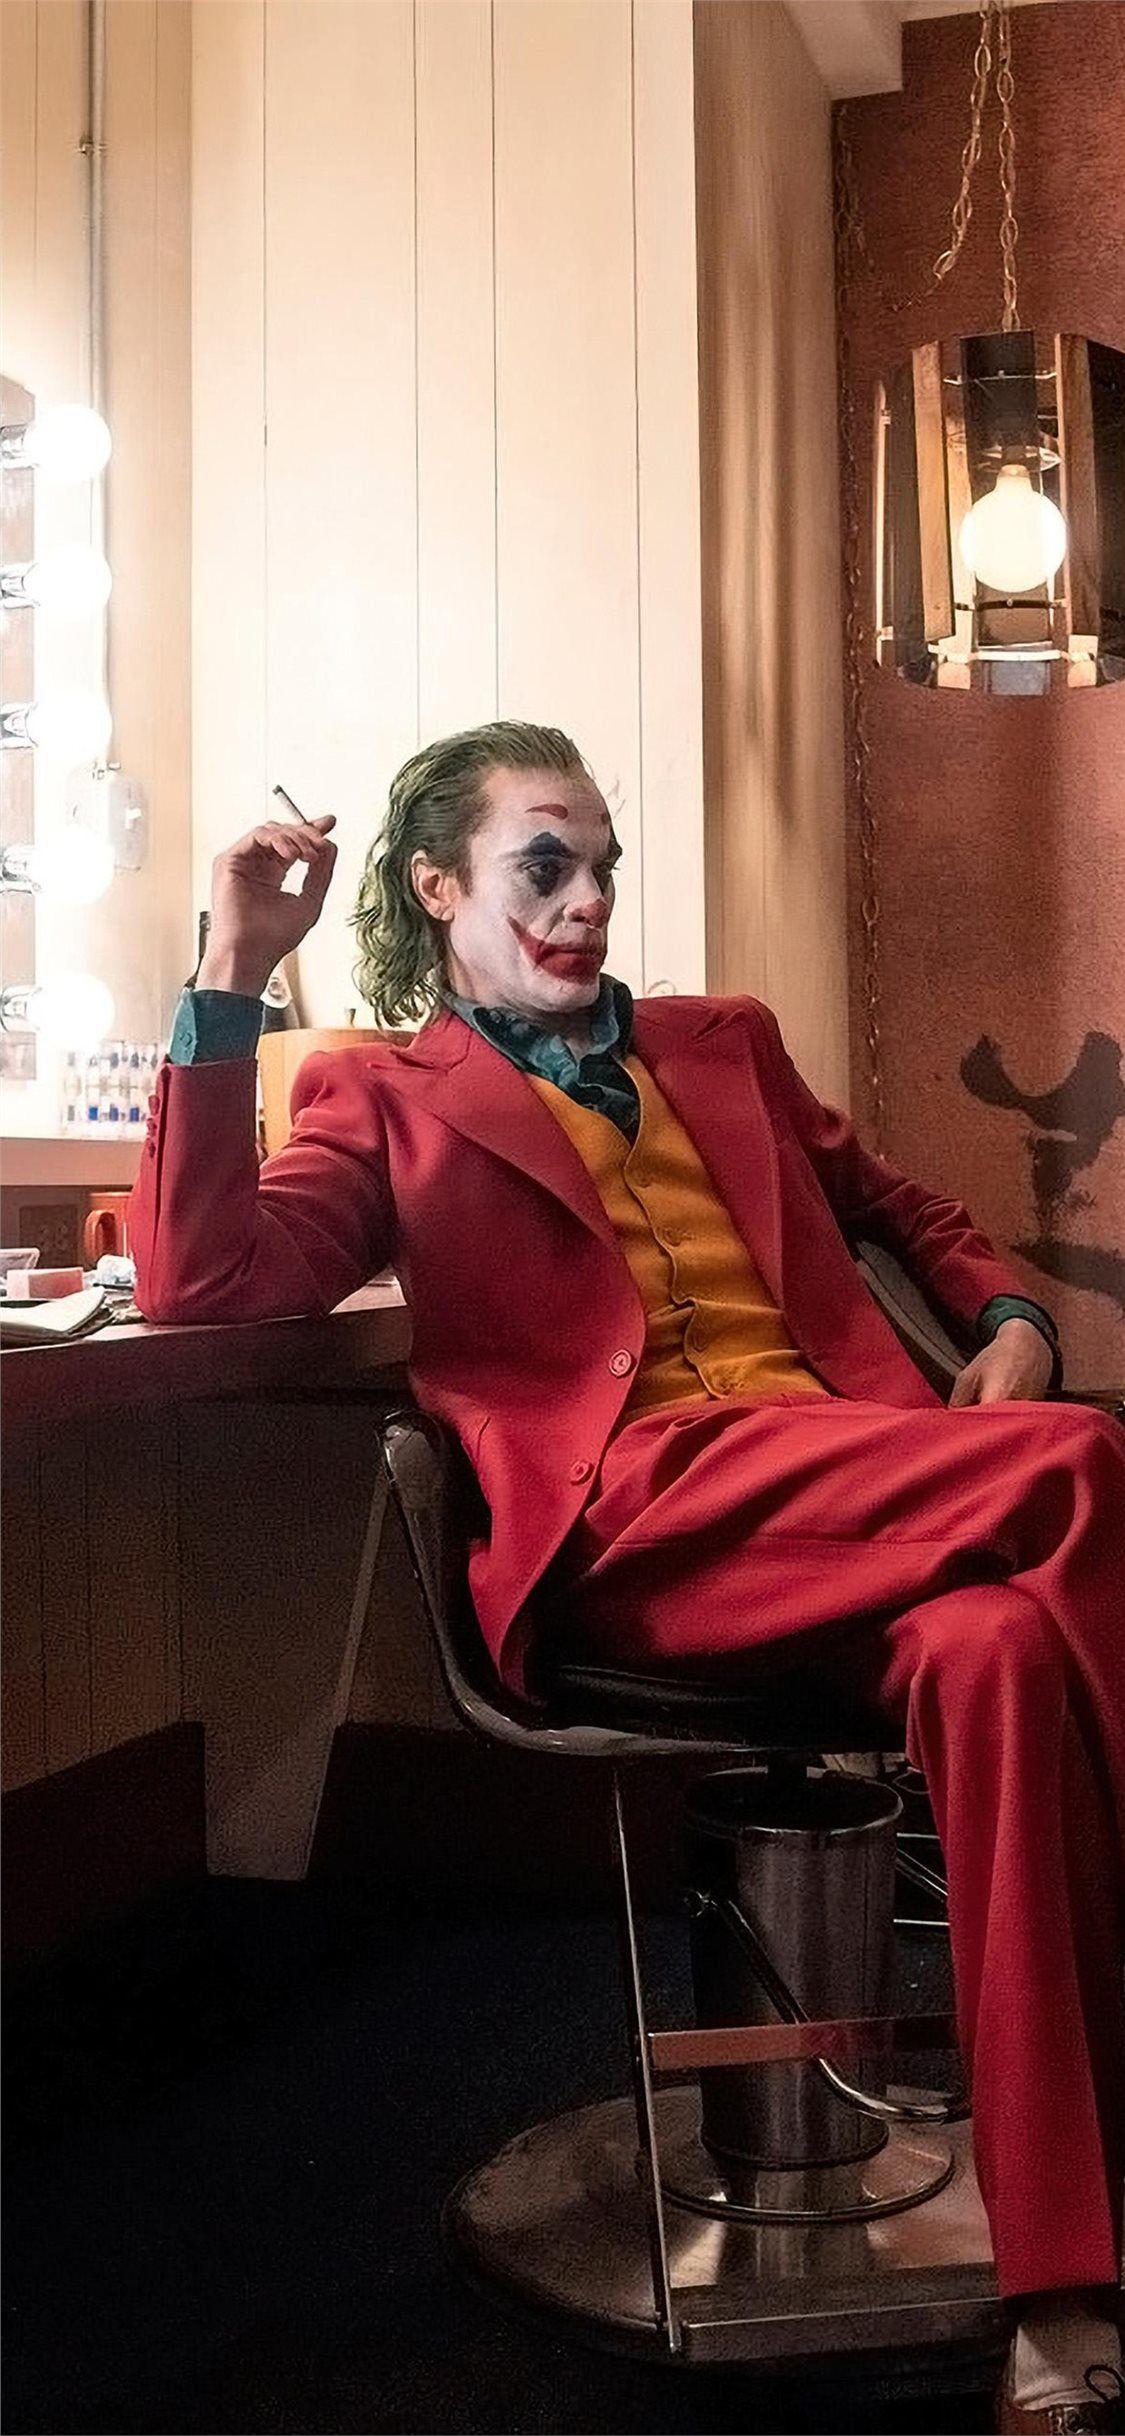 Joker Put On A Happy Face Jokermovie Joker 2019movies Movies Joaquinphoenix 4k Iphone11wallp Joker Hd Wallpaper Happy Face Wallpaper Iphone 11 Wallpaper